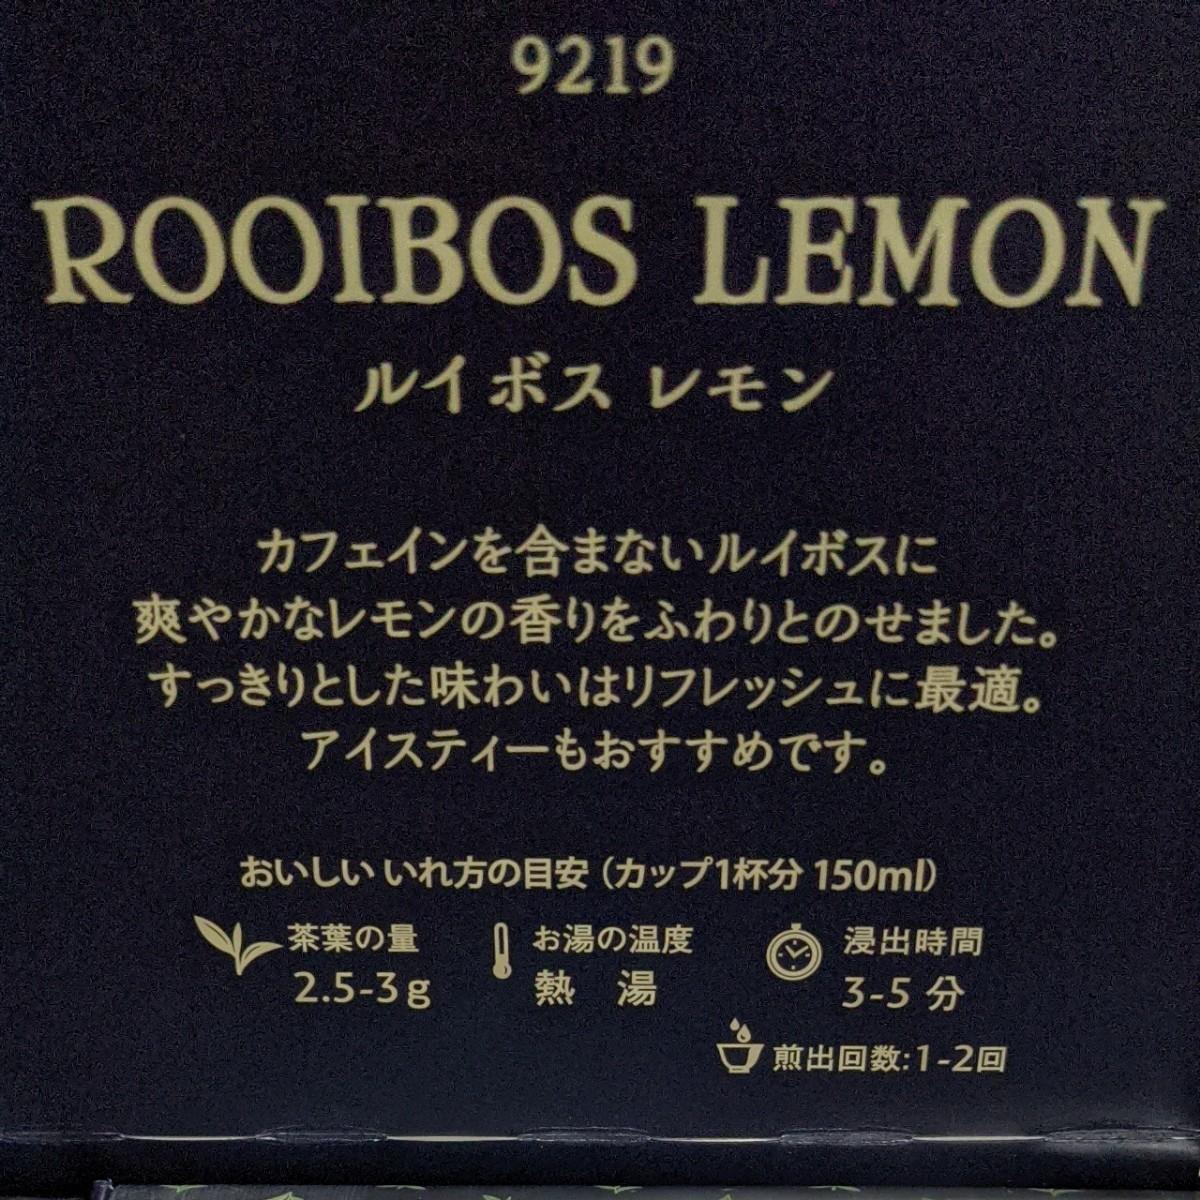 【限定品】LUPICIA ルピシア リーフティー 3種 セット 夏 アイスティー 水出し アールグレイ 白桃煎茶 レモンルイボス